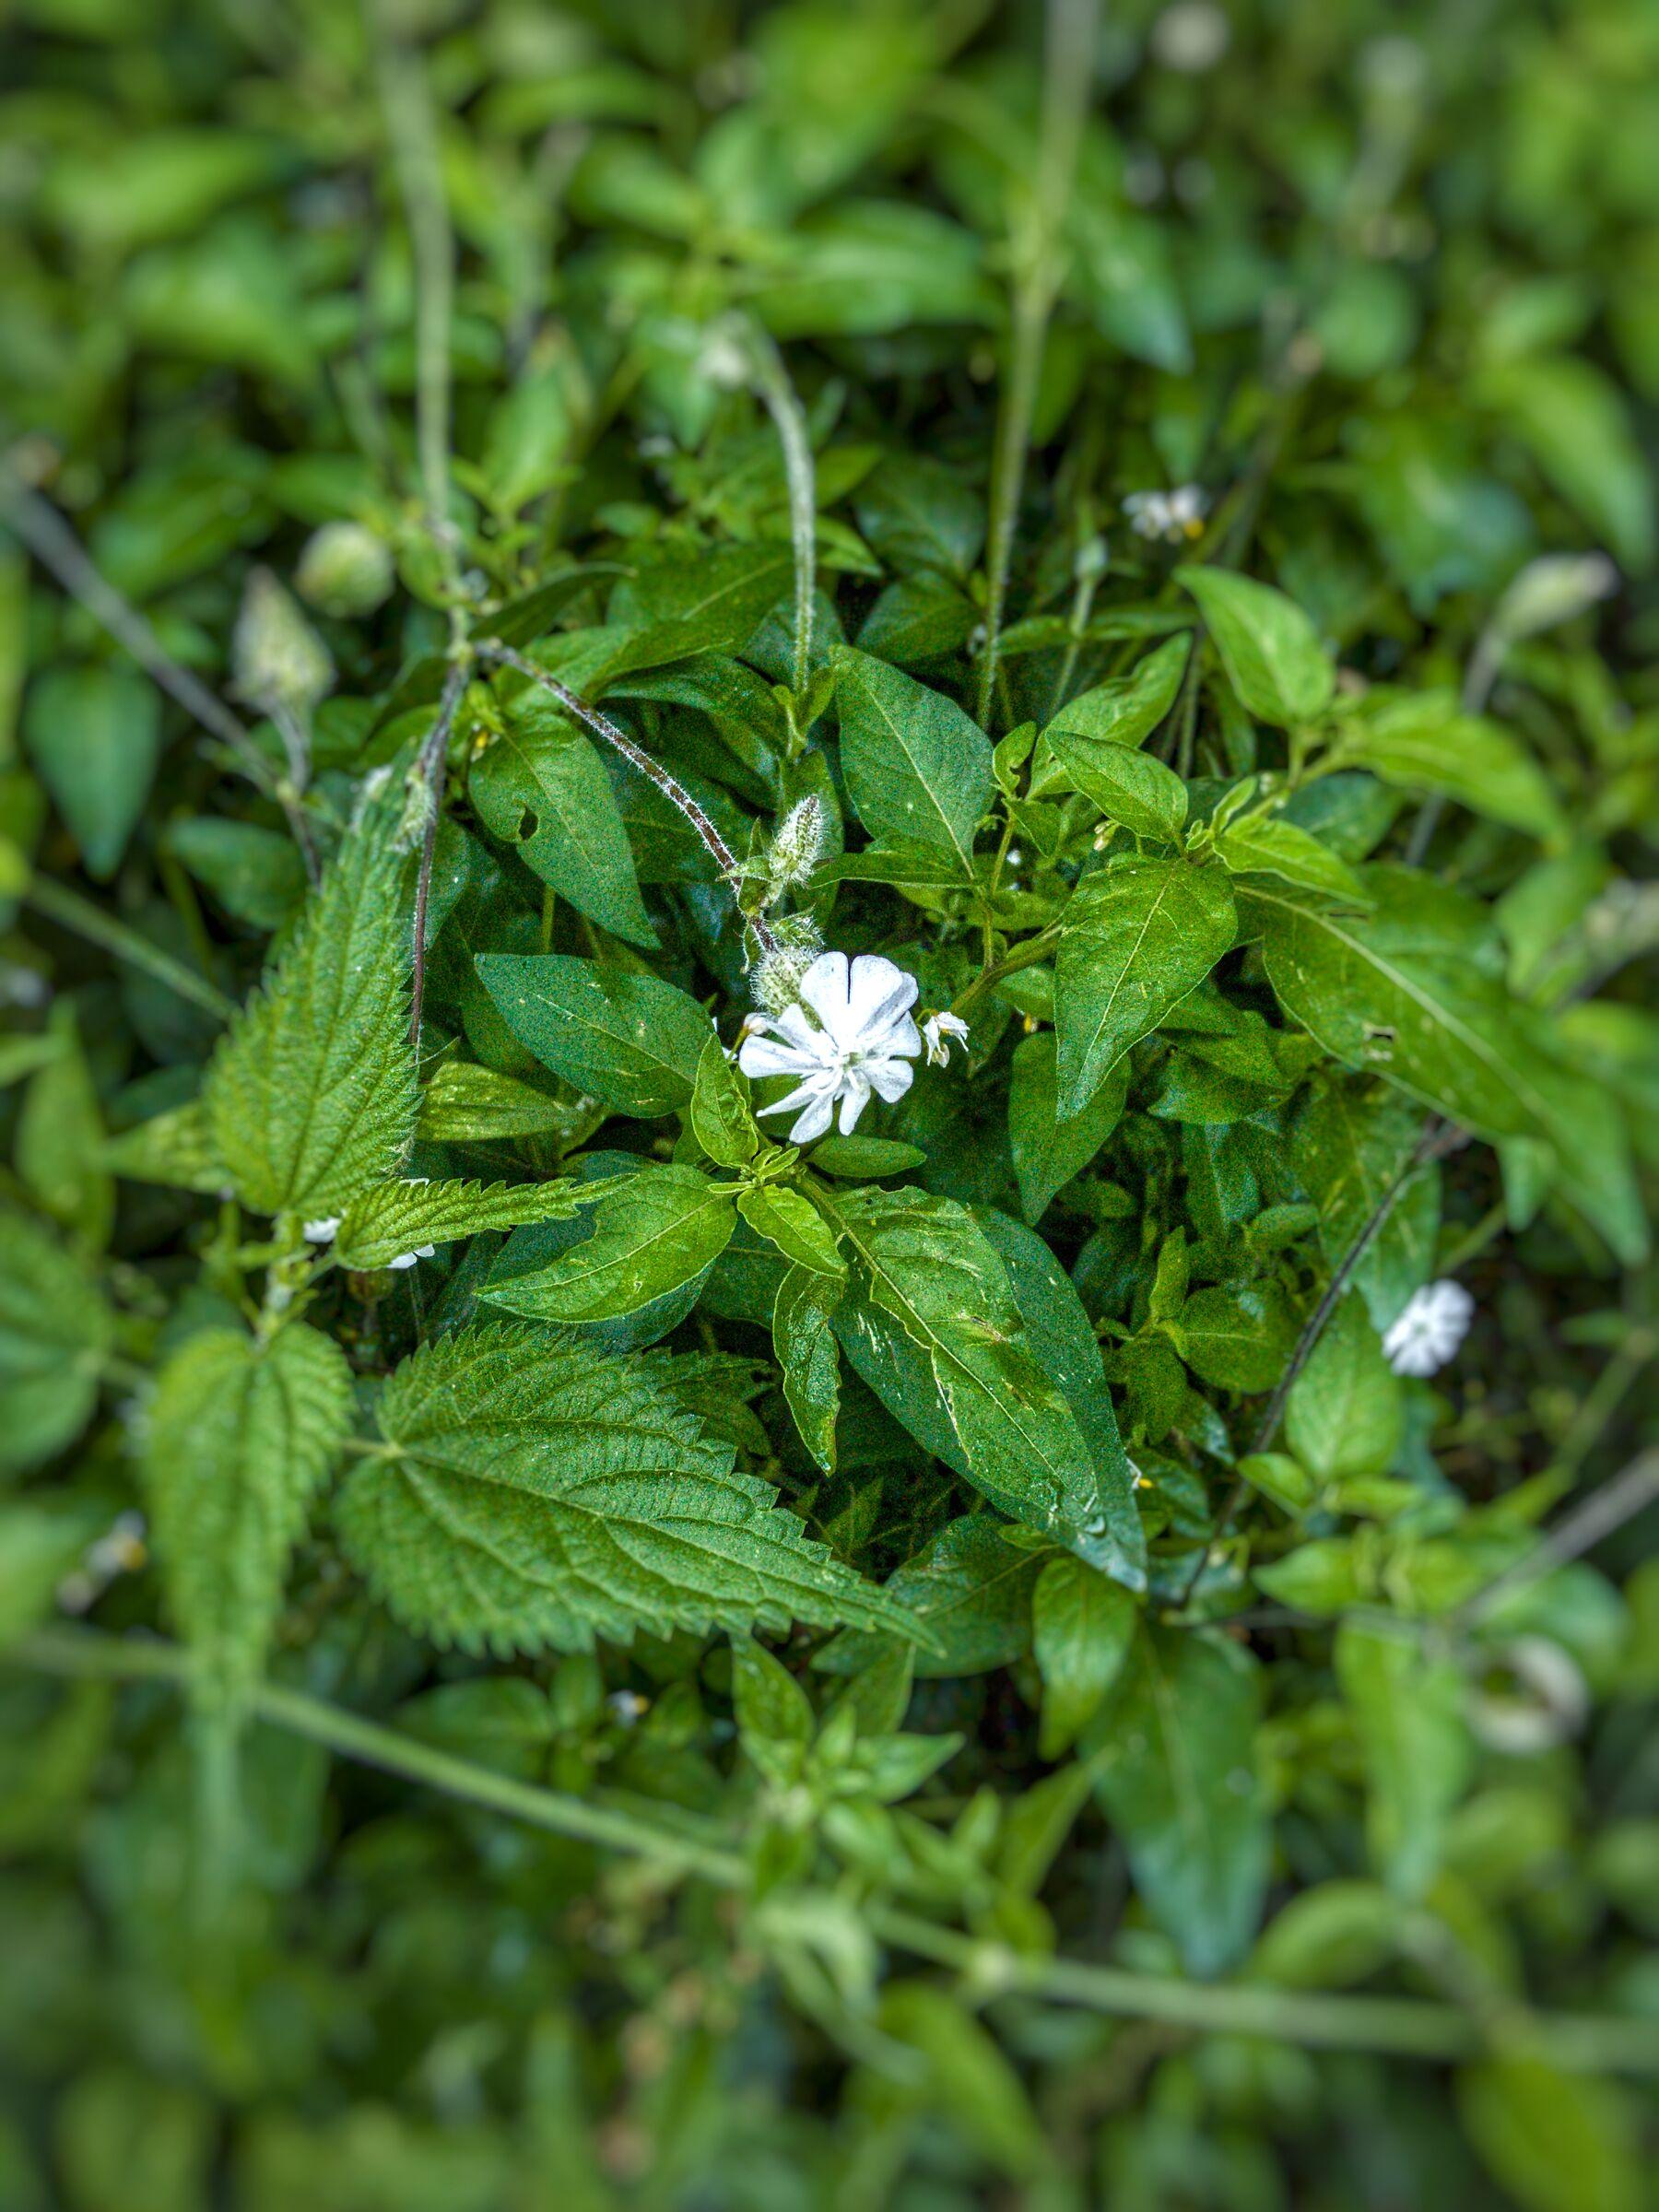 Fiore bianco...